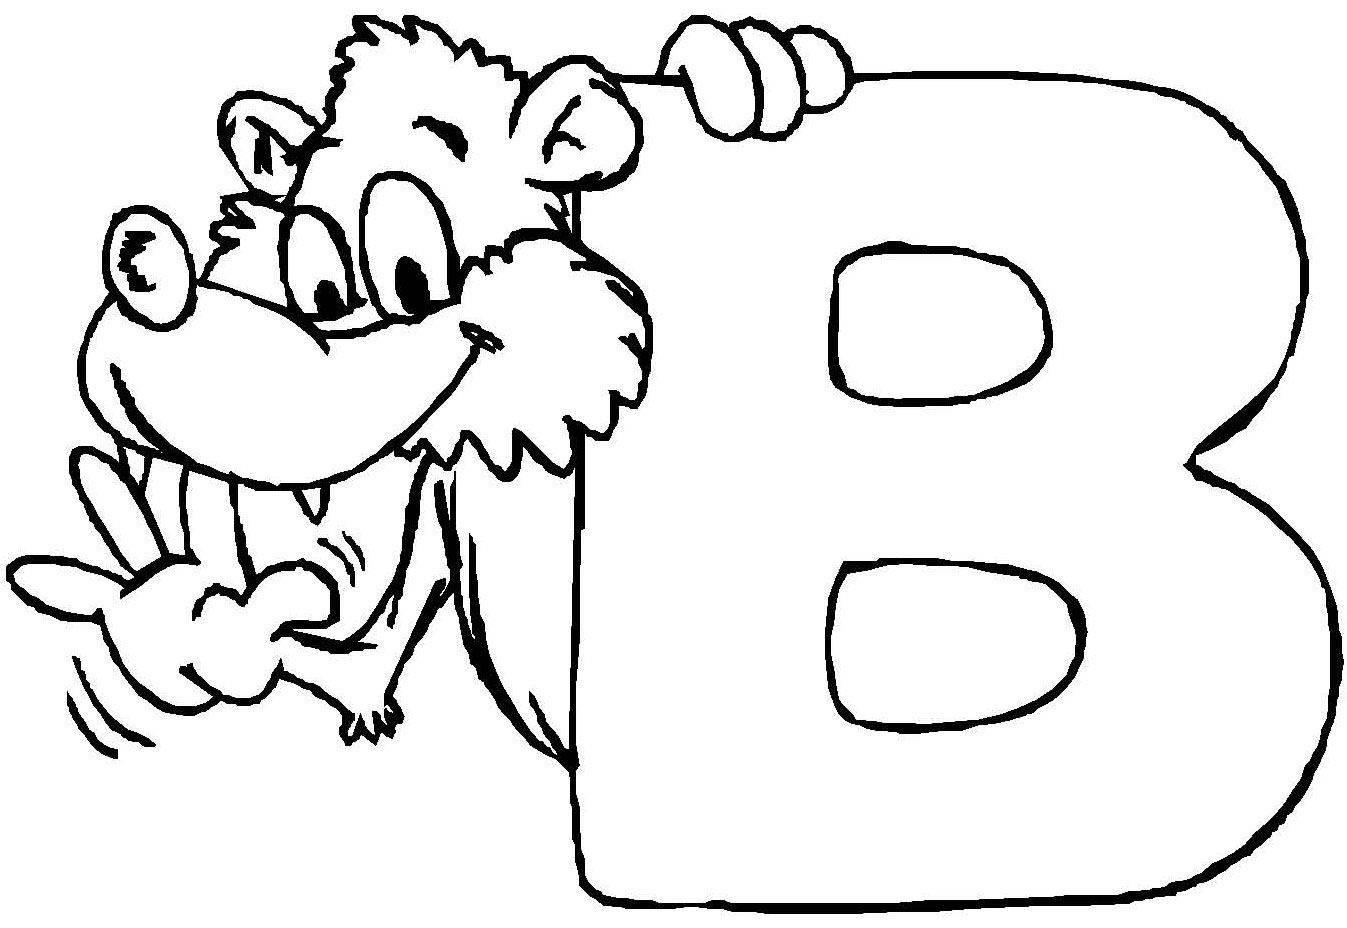 Buchstaben Malvorlagen  Kostenlose Malvorlage Buchstaben lernen Tierschrift B zum